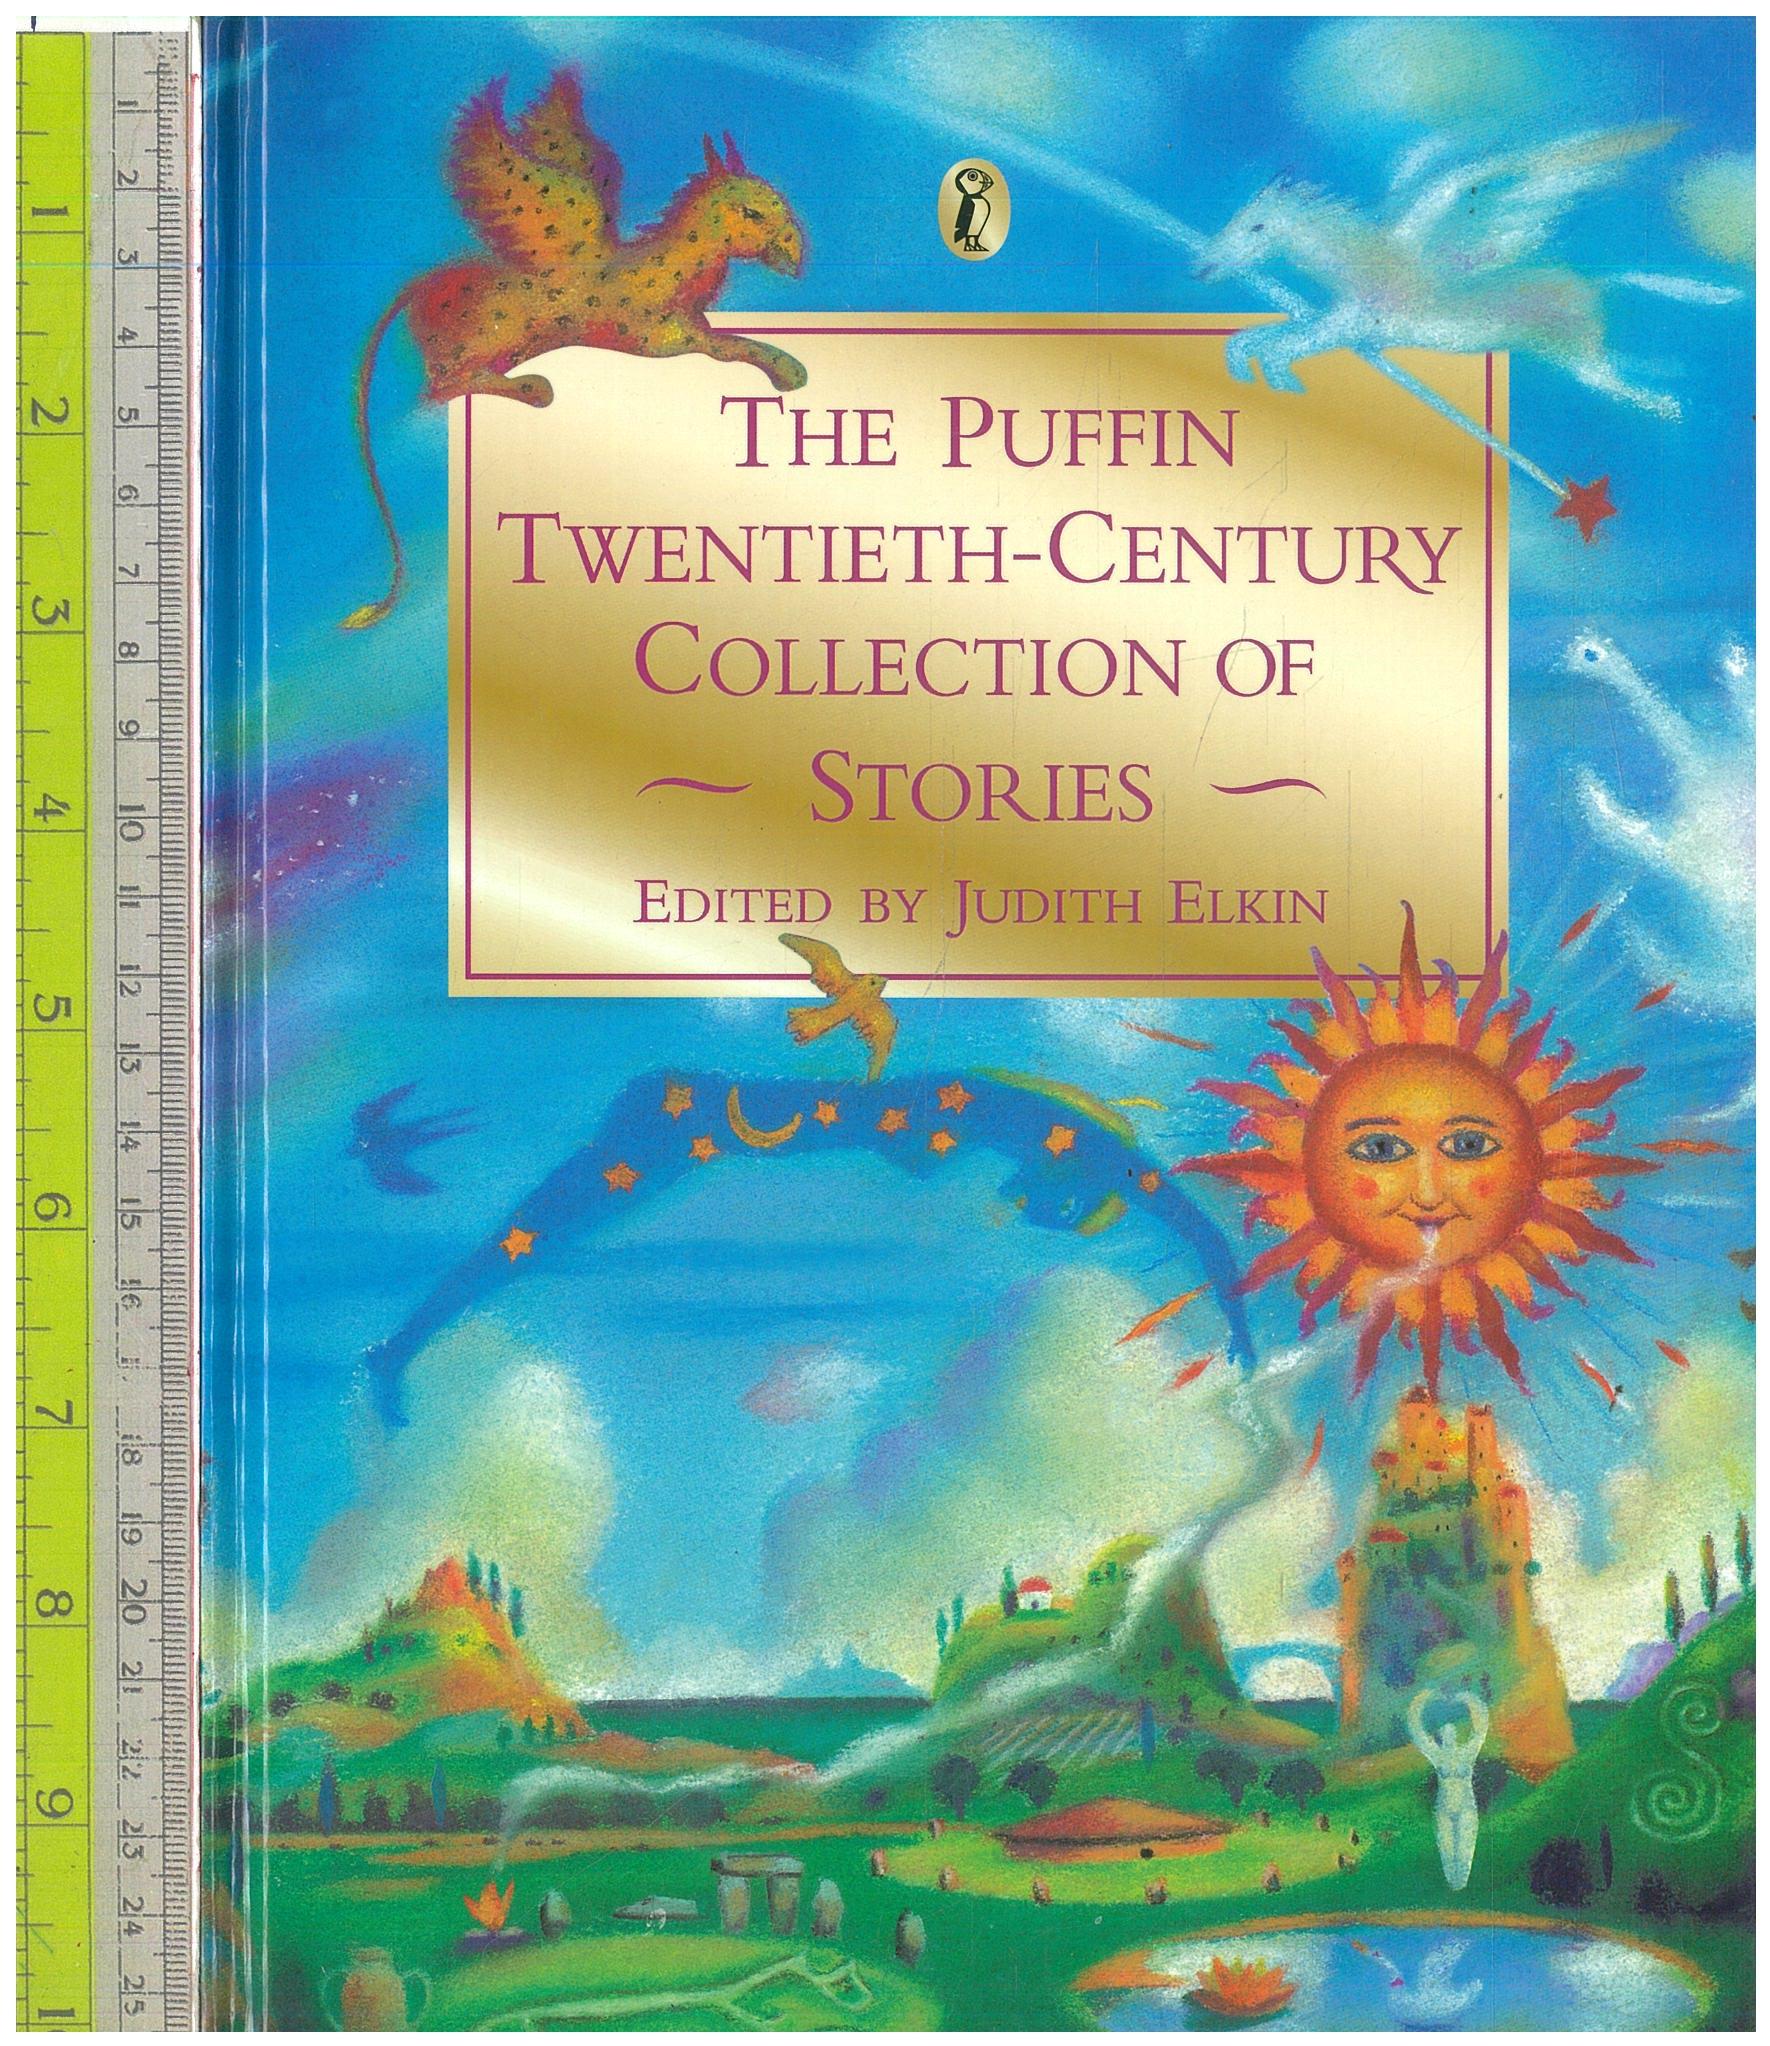 Puffin Twentieth-Century